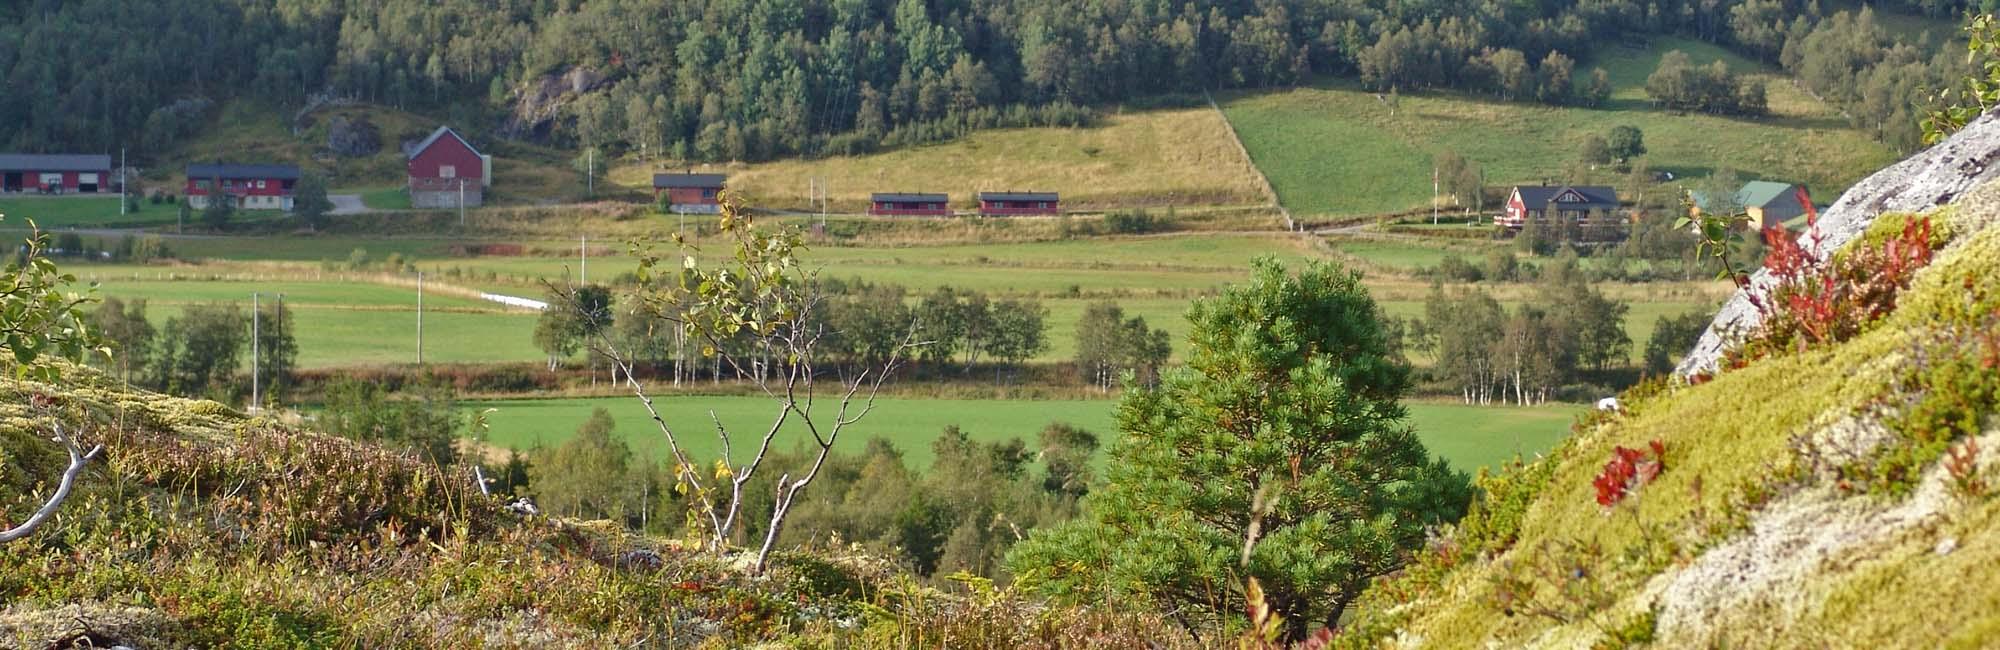 Lonin Gård & Camping - fjell